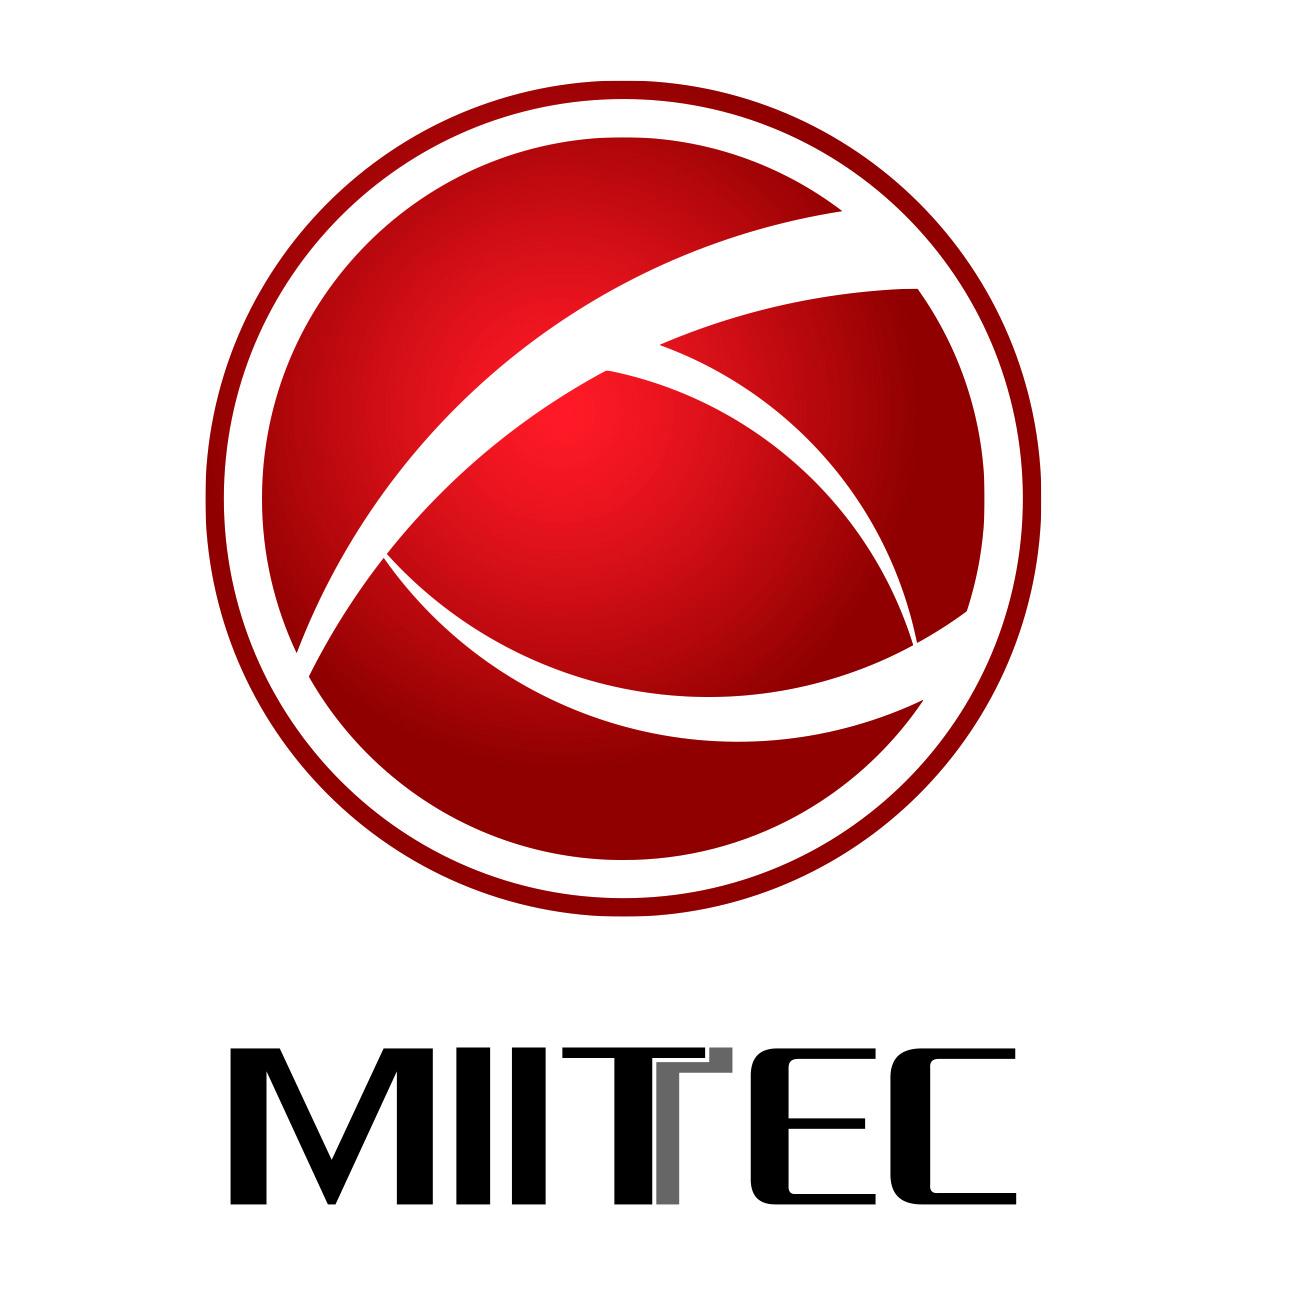 MIITEC